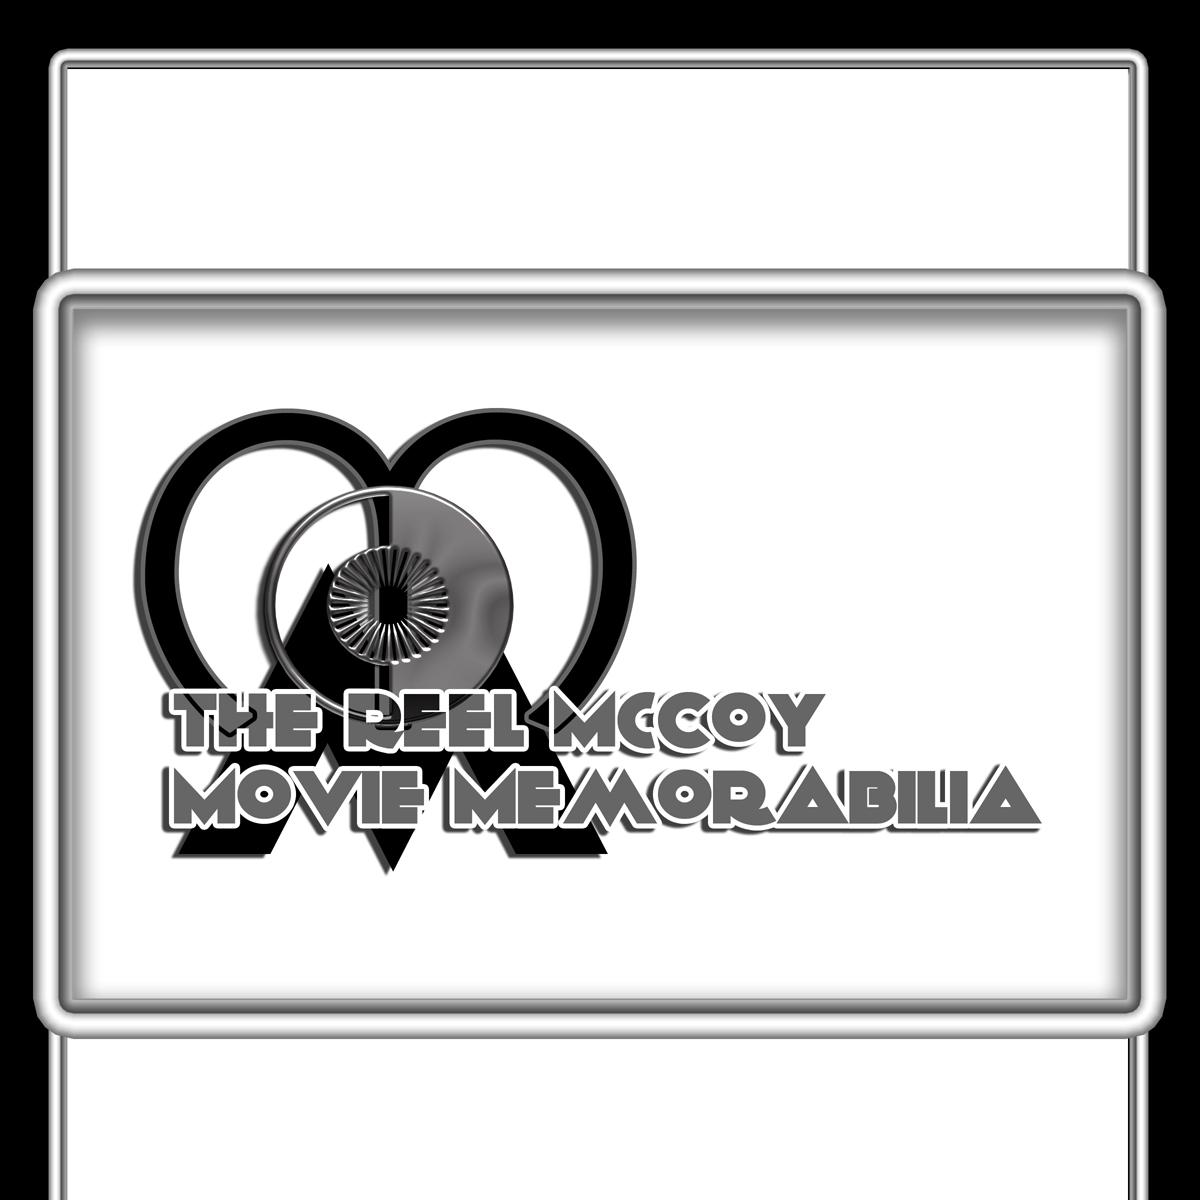 Logo Design by MITUCA ANDREI - Entry No. 10 in the Logo Design Contest Unique Logo Design Wanted for The Reel McCoy Movie Memorabilia.